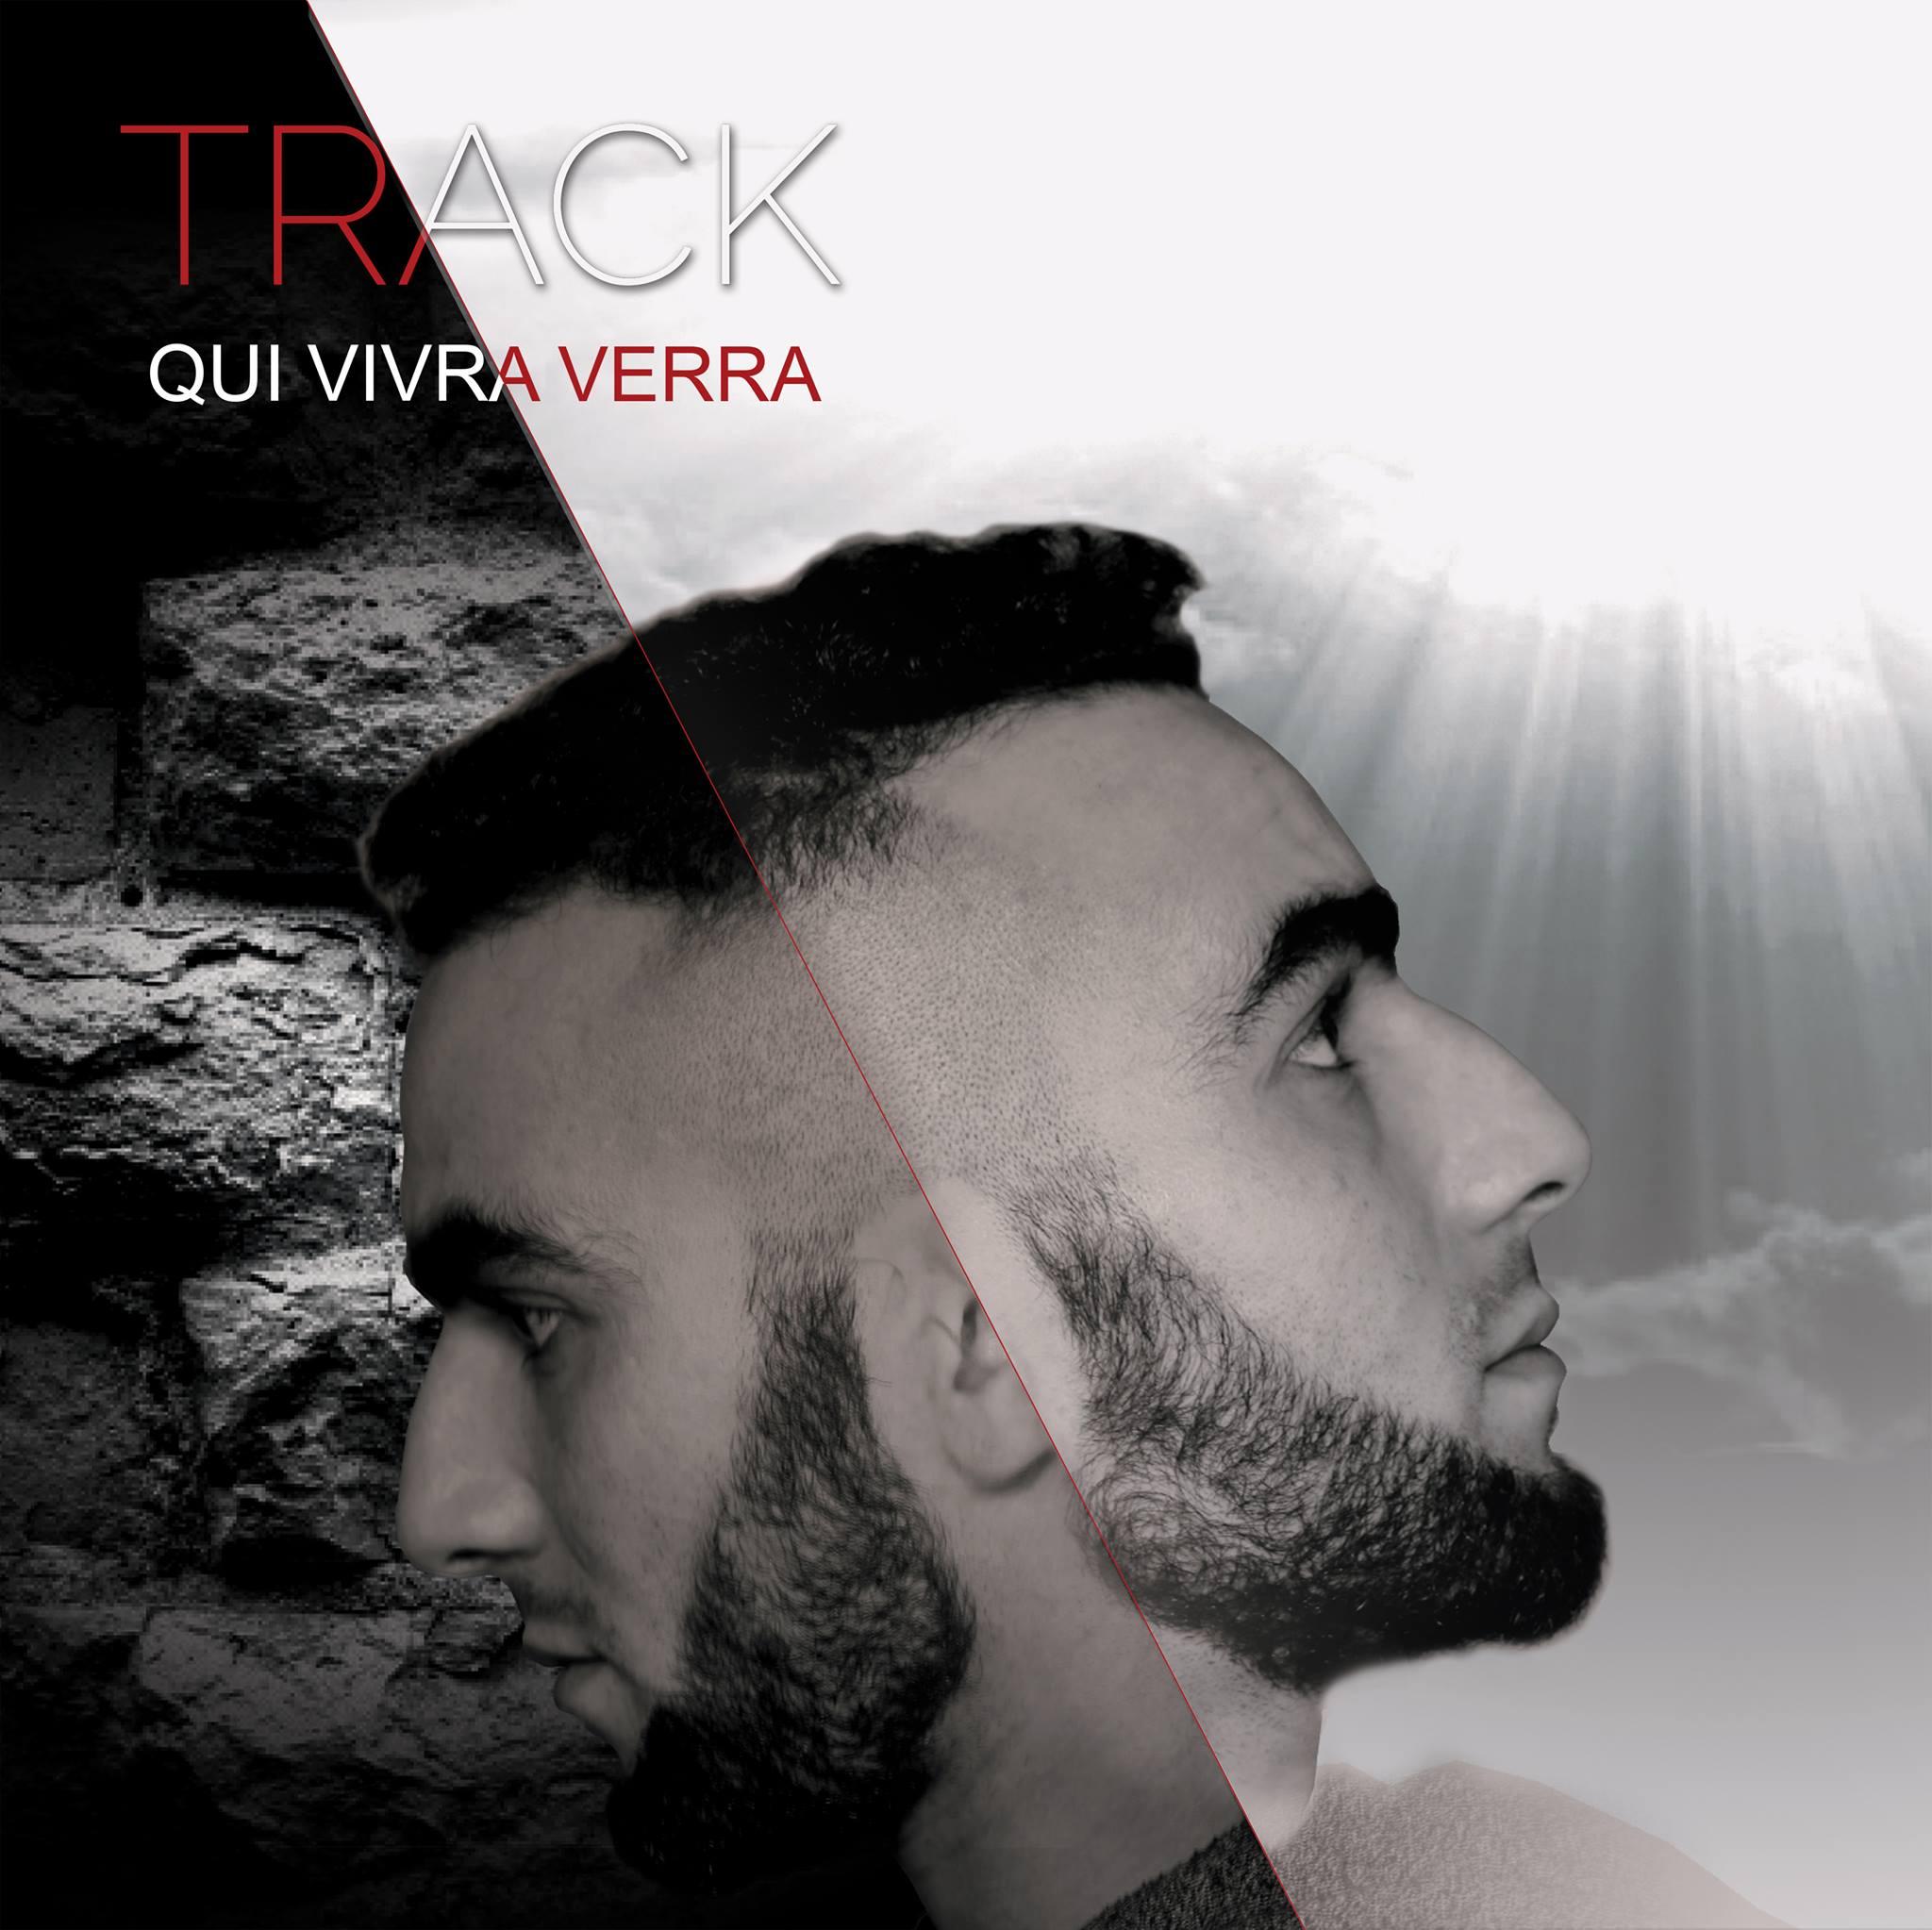 Track - Qui vivra verra - Cover